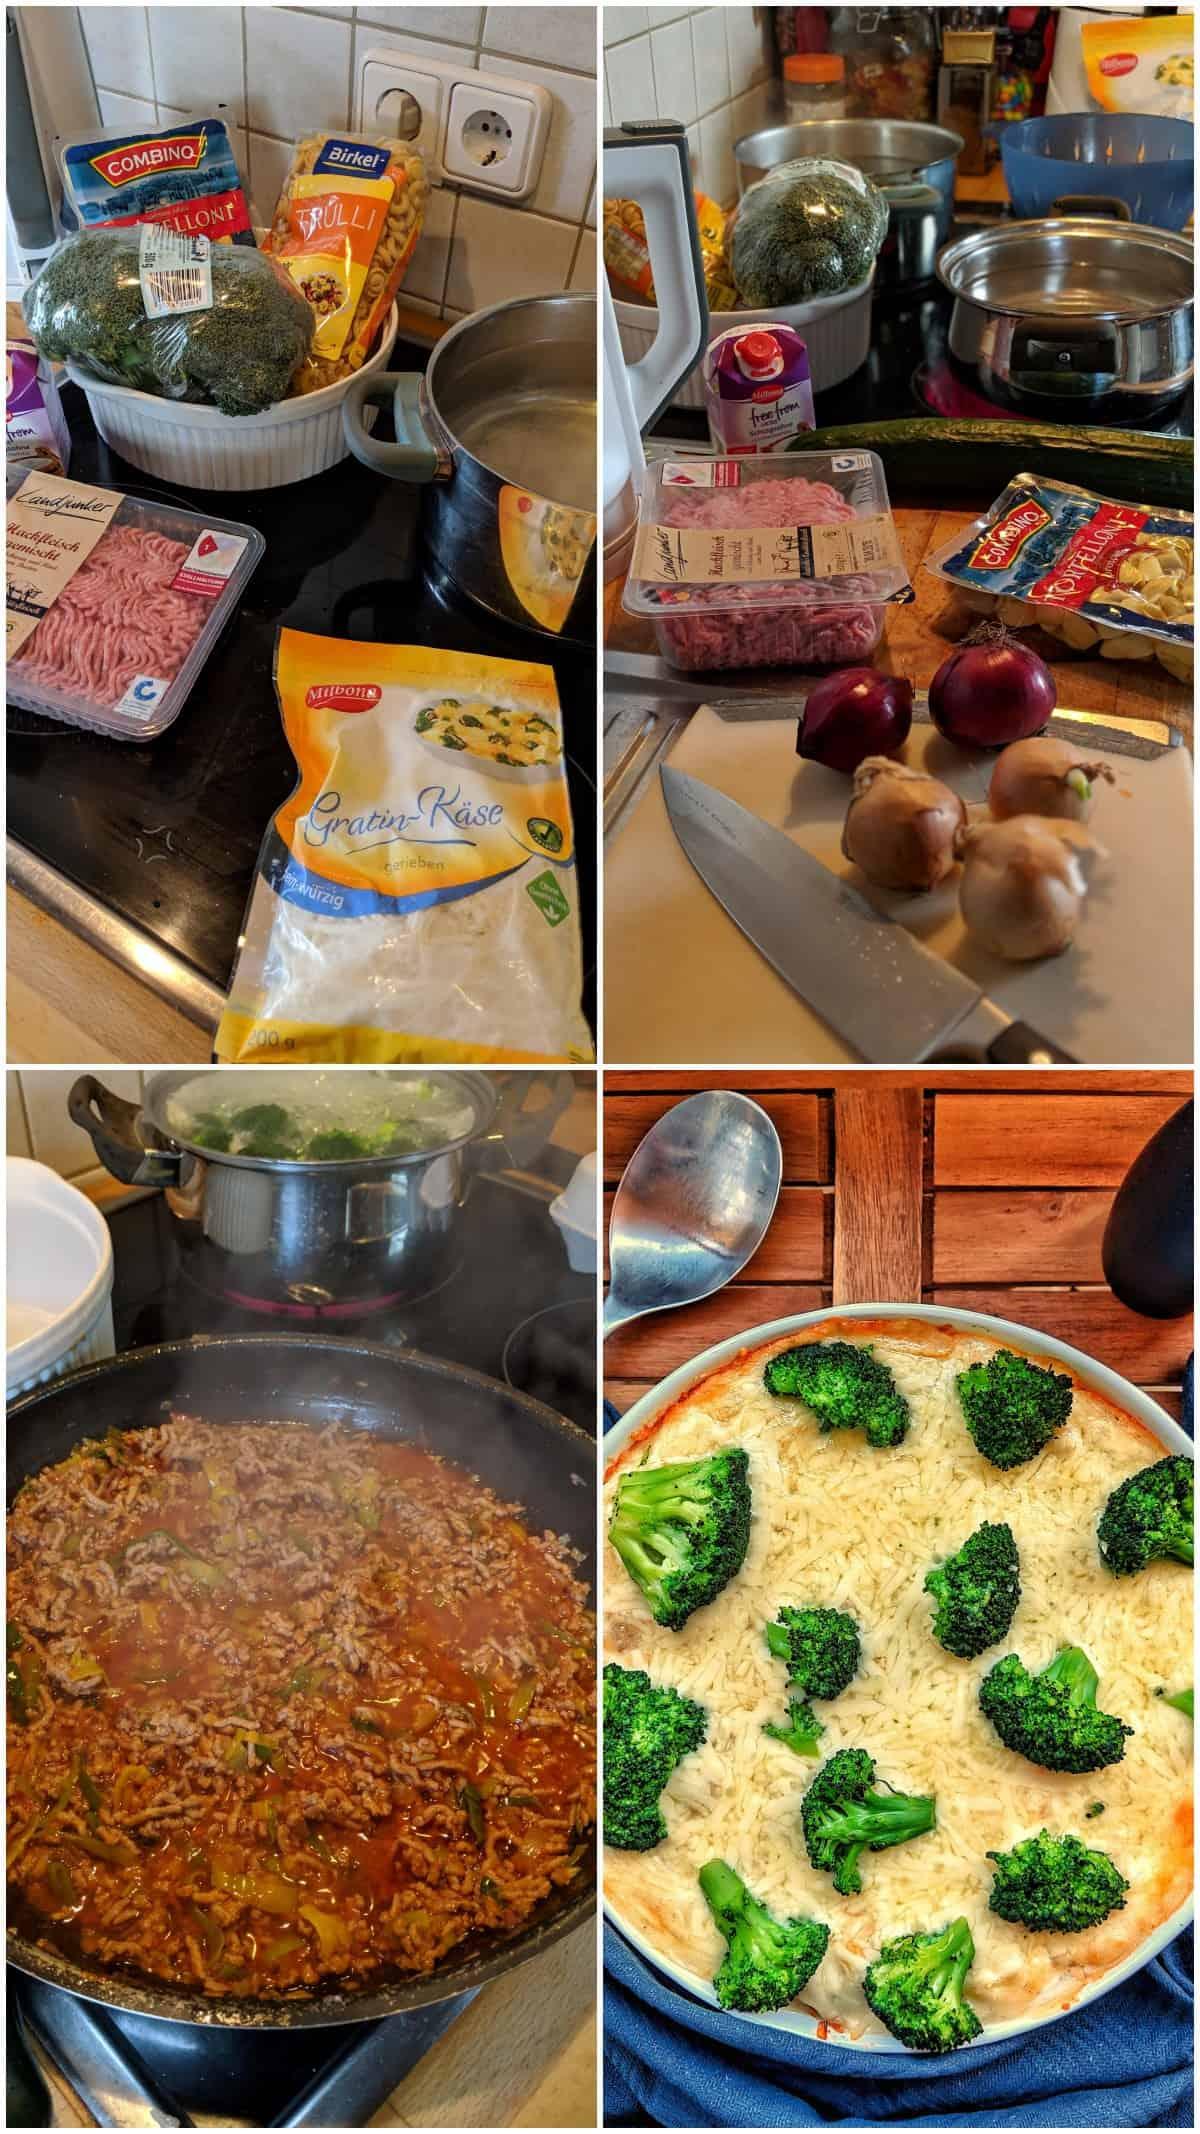 Eine Collage der Zubereitungsschritte für Brokkoli-Nudel-Auflauf mit Hackfleisch.